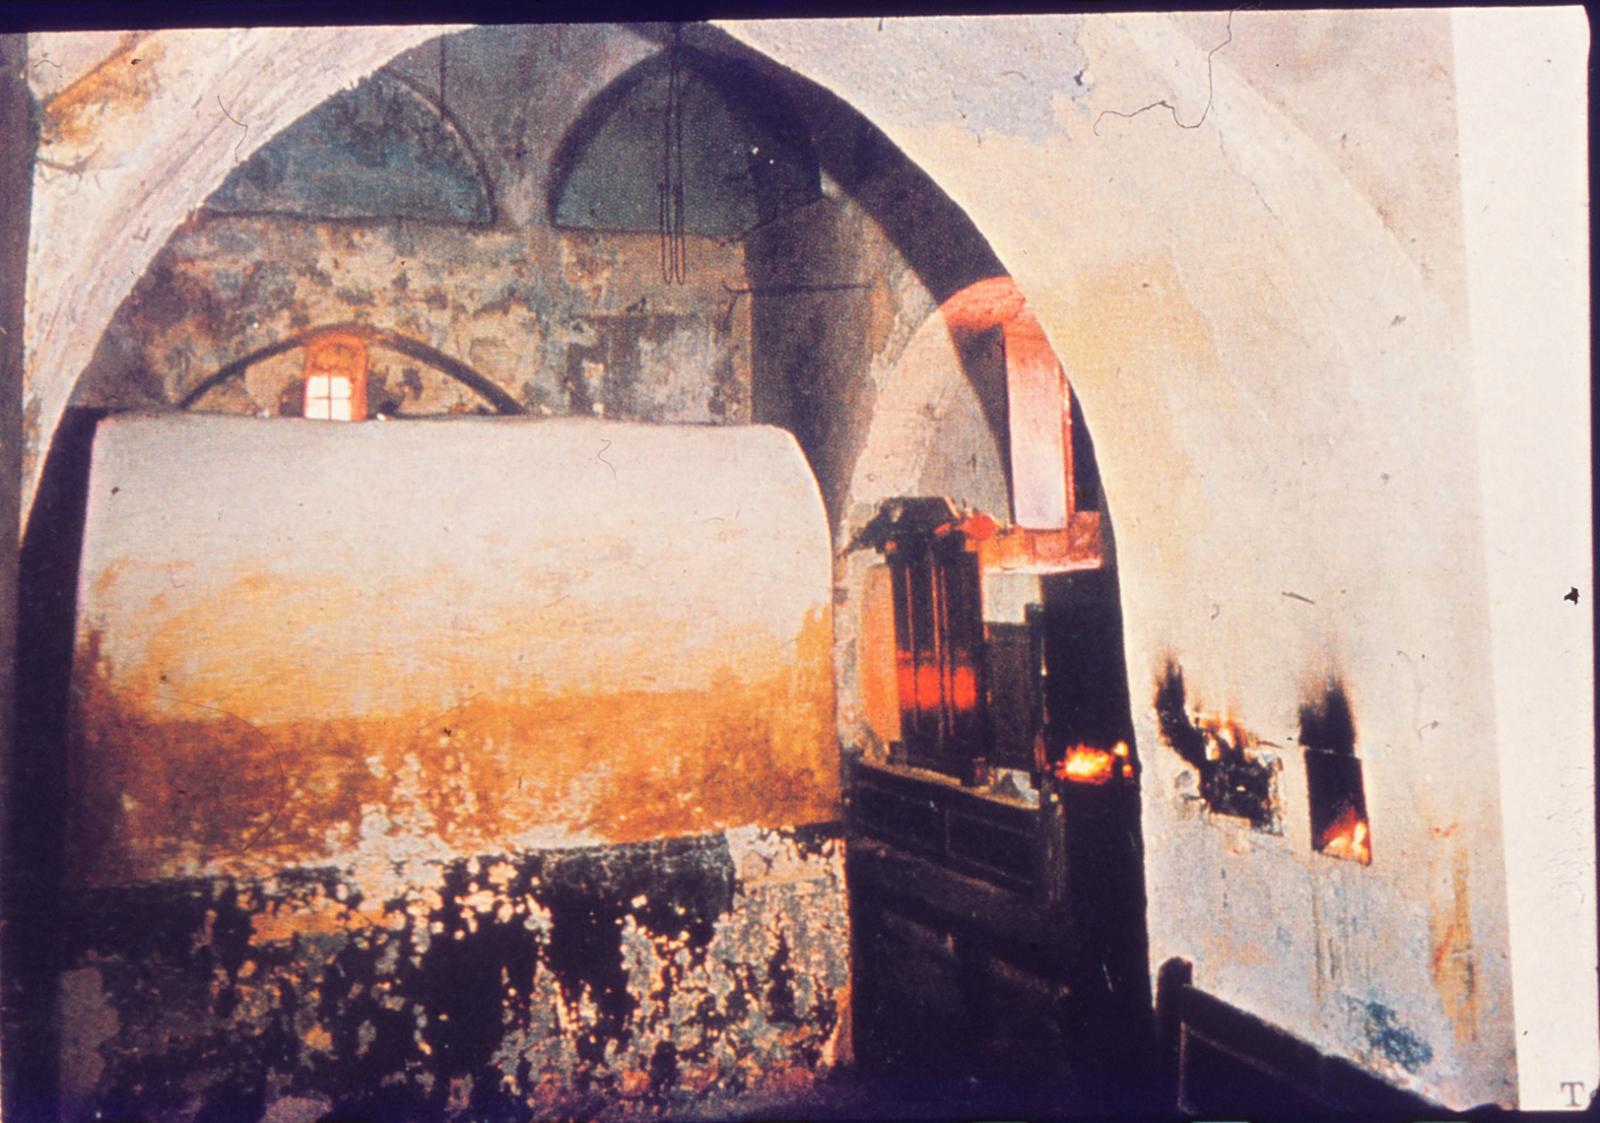 Inside Rachel's Tomb